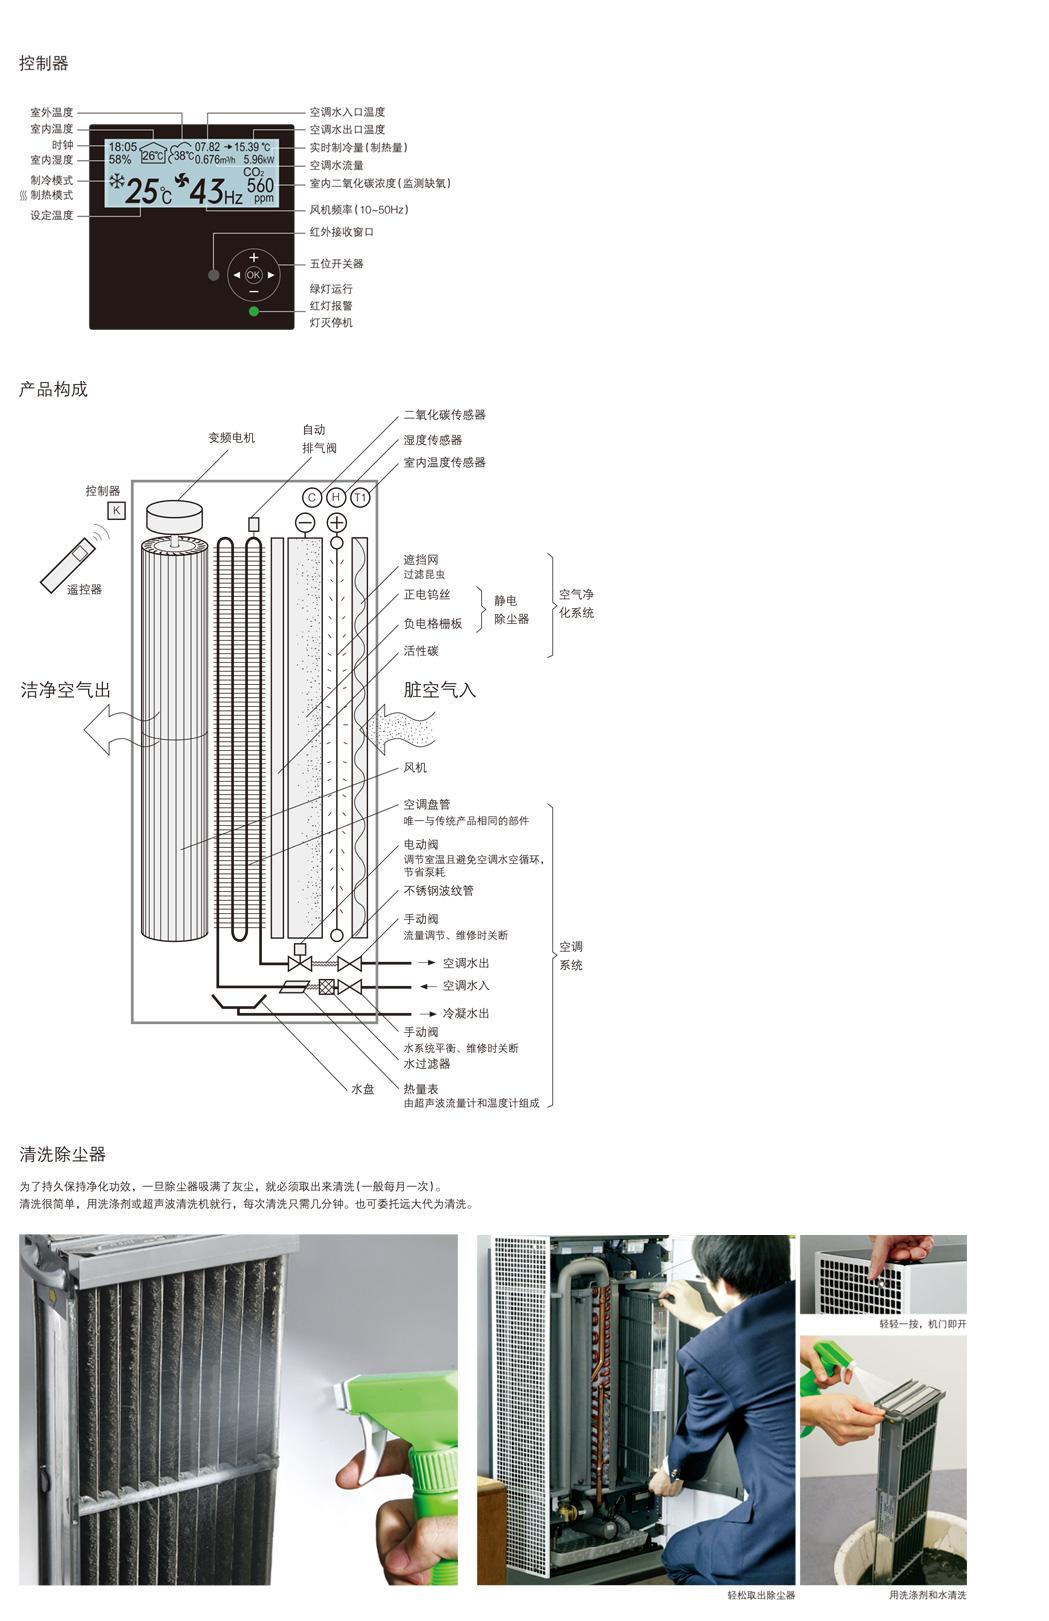 空调室内机 - 空调室内机